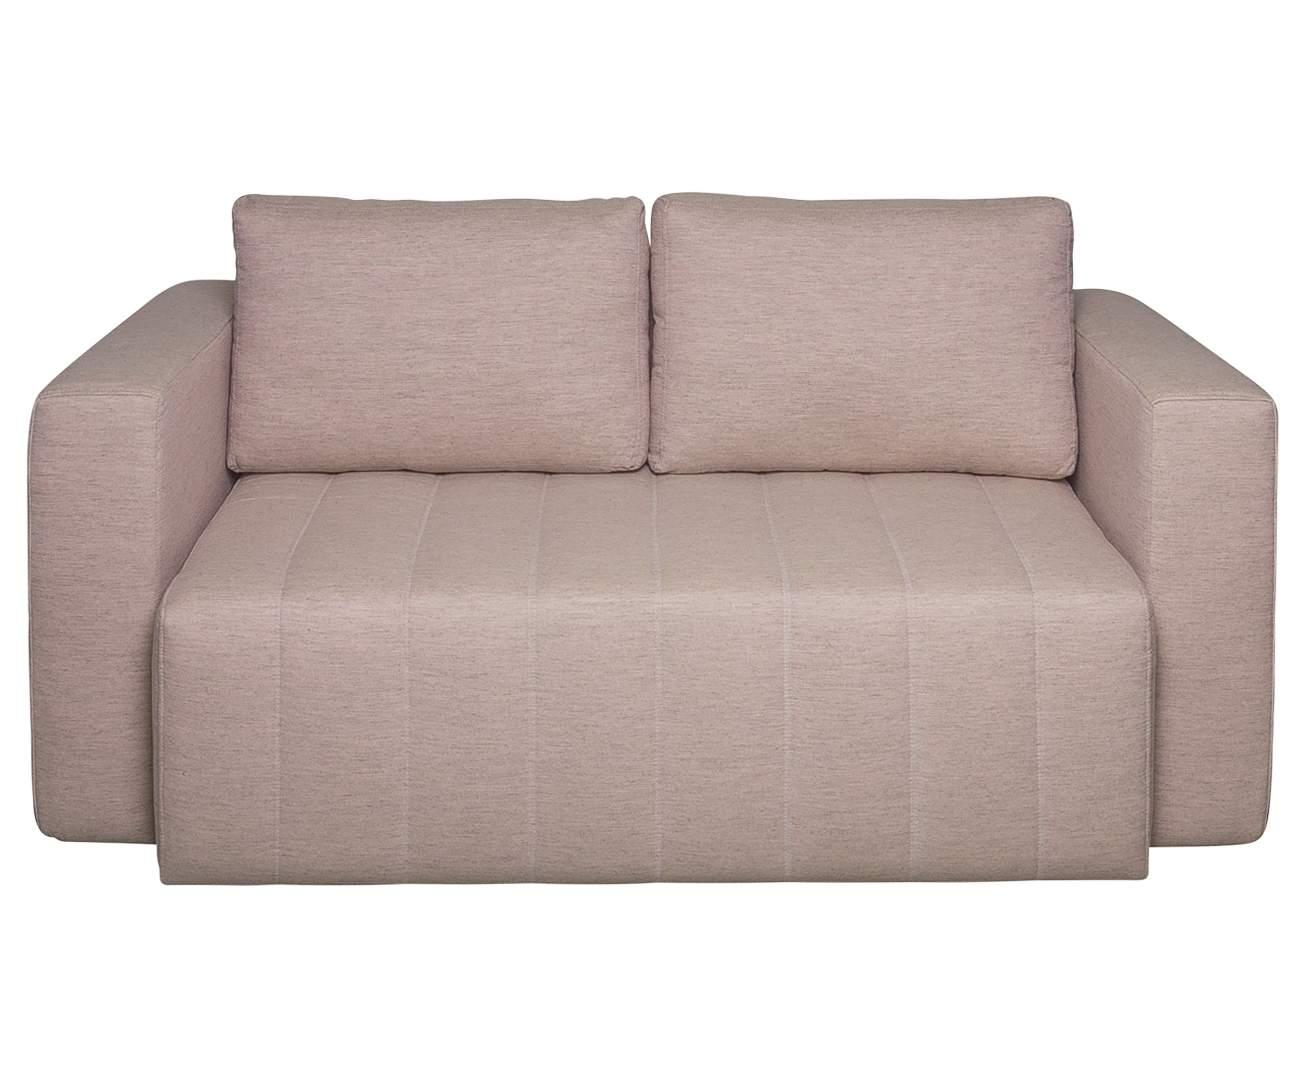 sofá-cama baú nest 1272